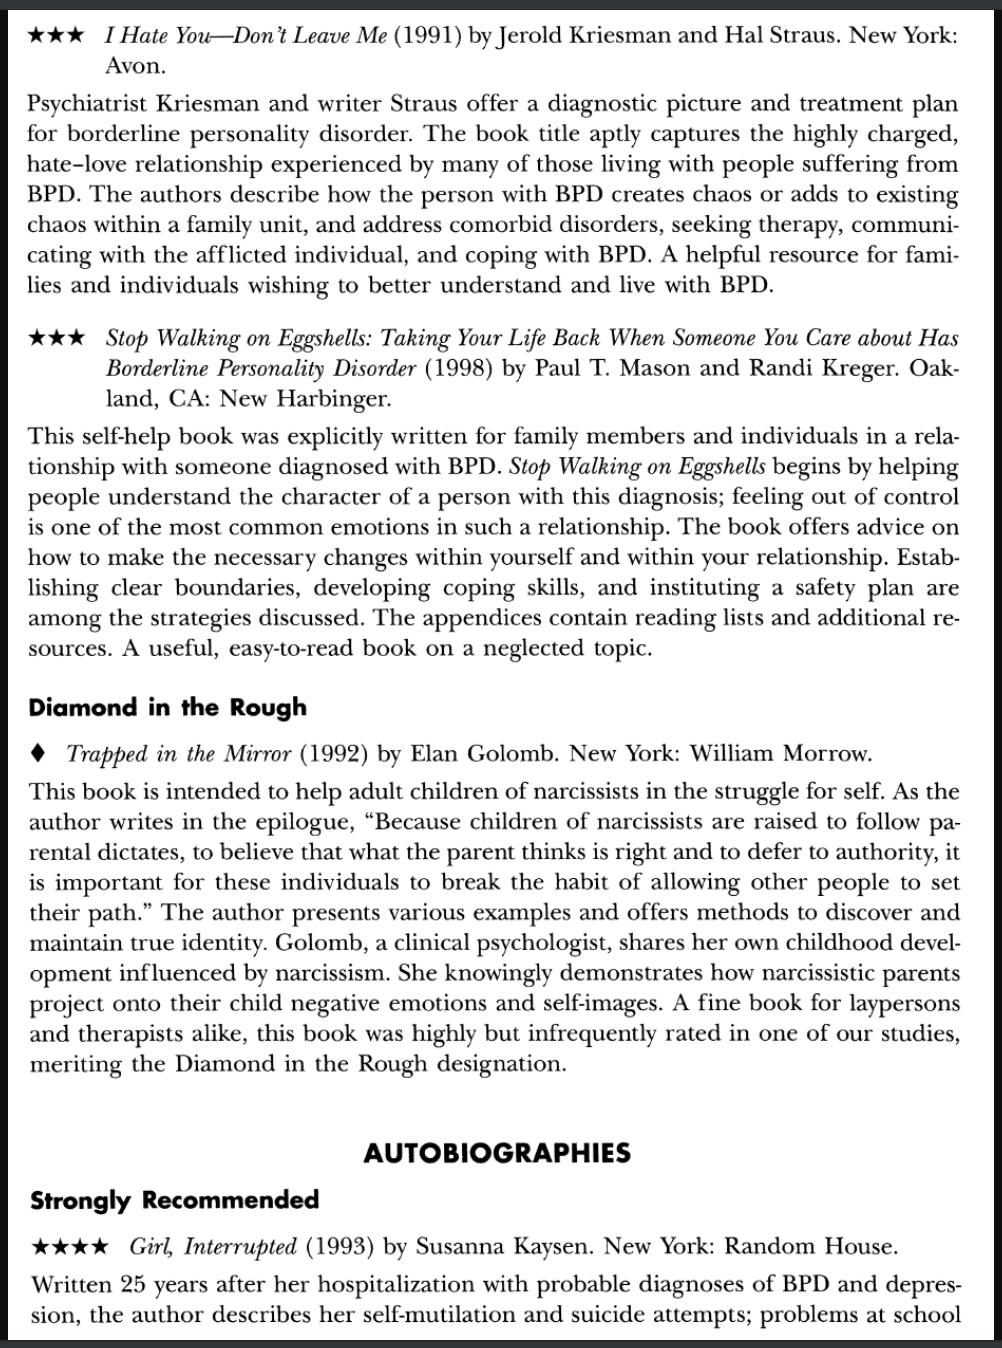 Книги по психологической самопомощи: есть ли в них хоть какой-то смысл, и, если да, какие выбрать? - 17